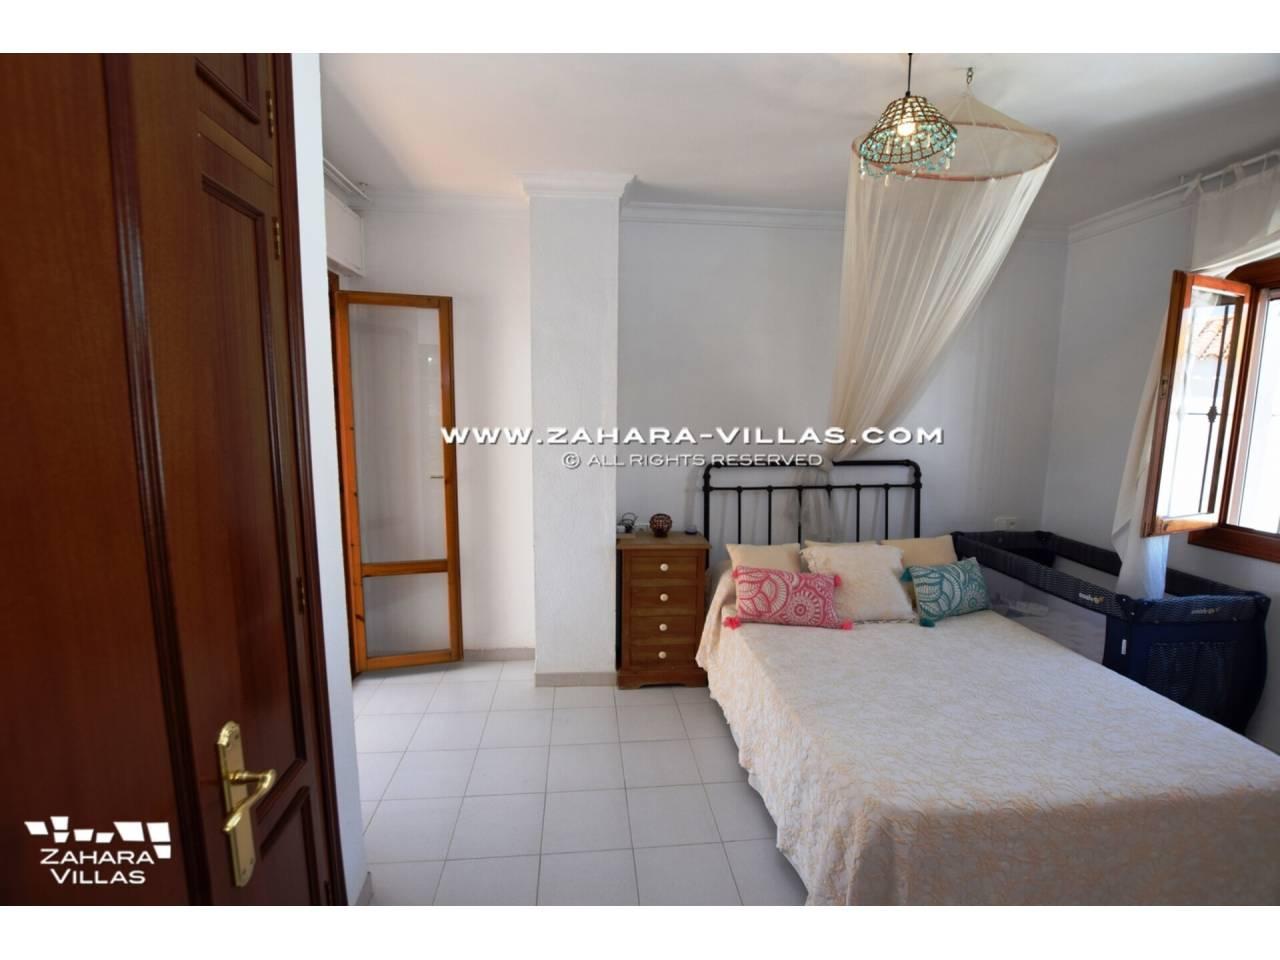 Imagen 30 de Casa en venta en segunda línea de playa, con vistas al mar en Zahara de los Atunes